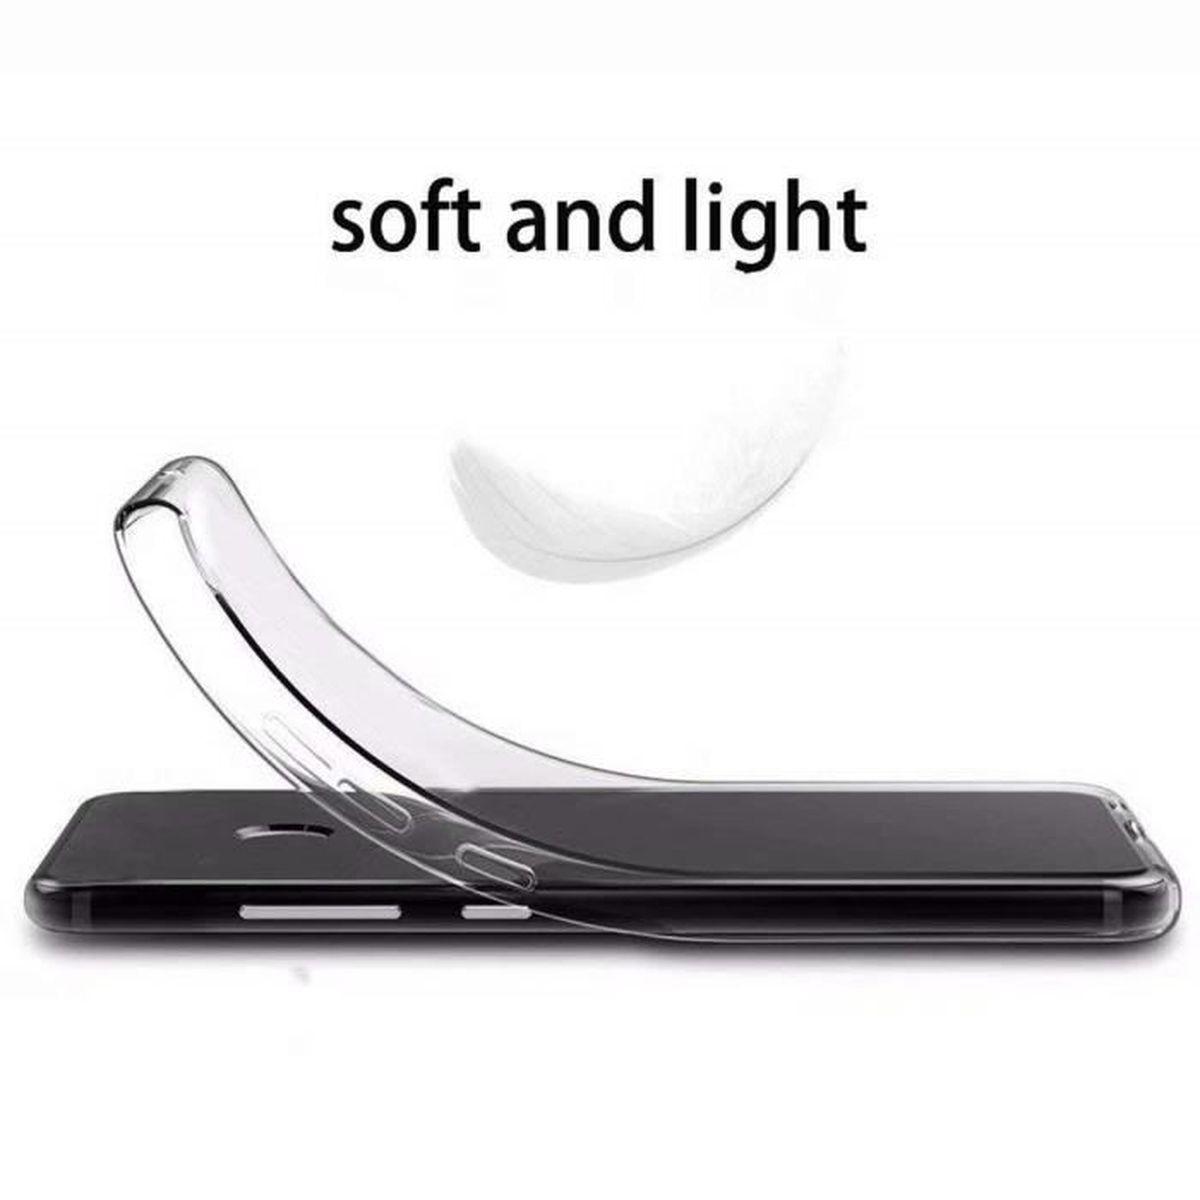 2 X Coque Huawei P Smart /Enjoy 7S, Donut flamant Doux Souple Transparent TPU Housse Étui Pour Huawei P Smart /Enjoy 7S